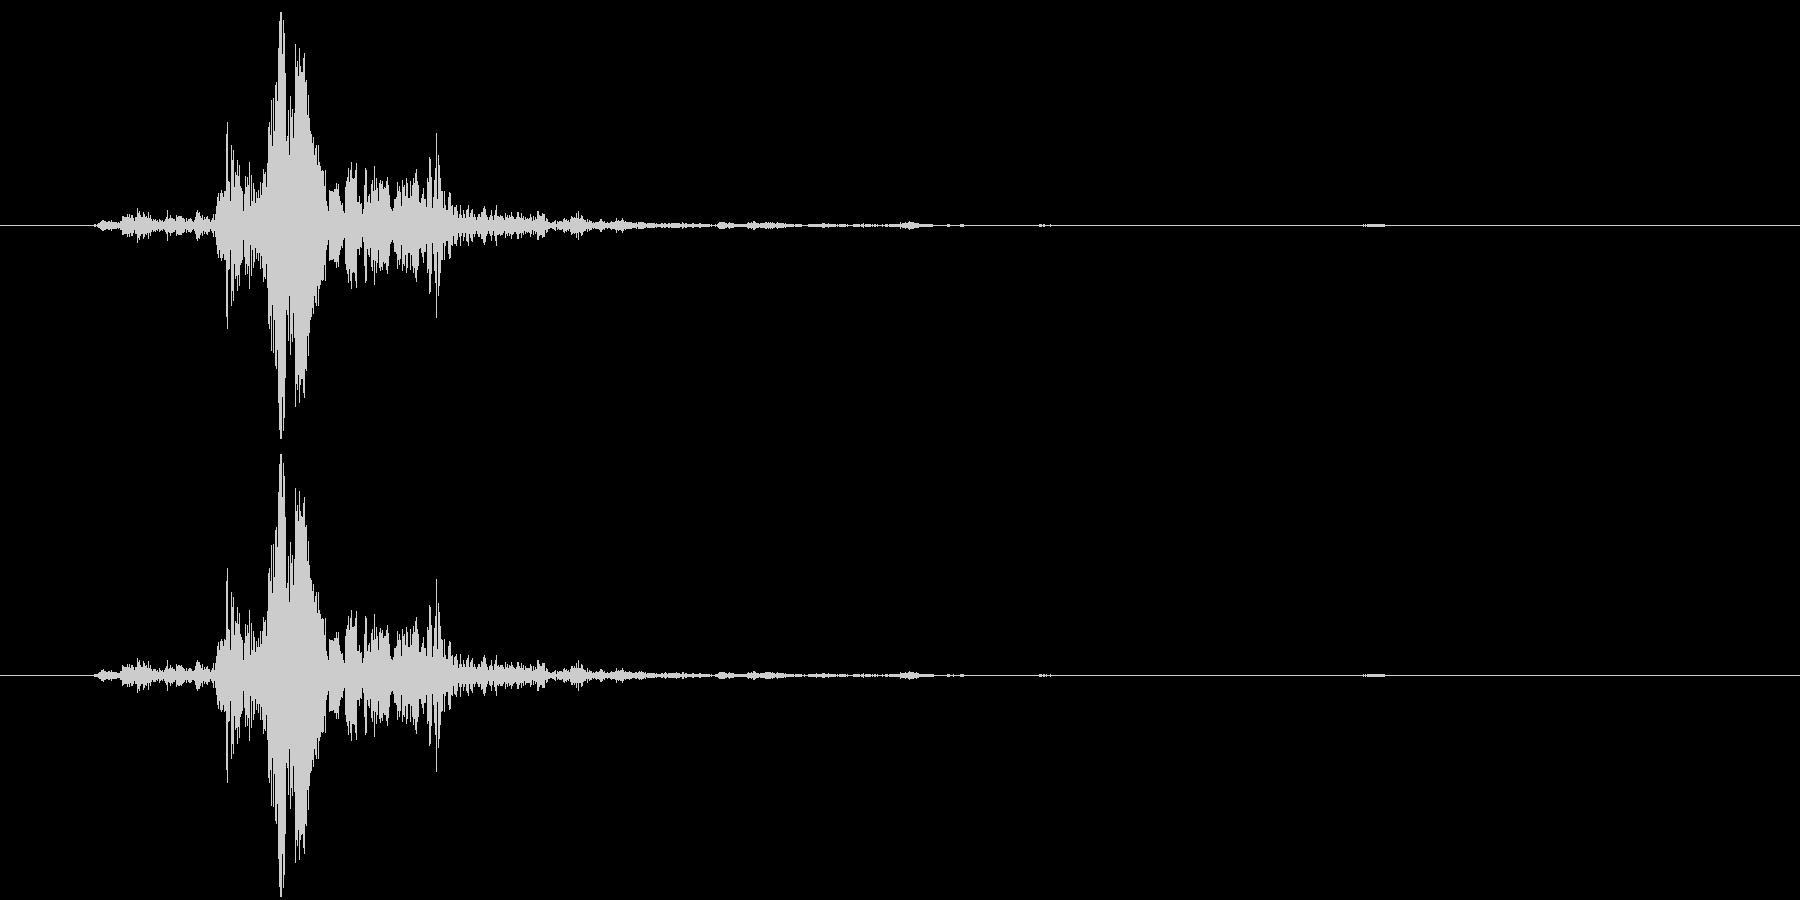 何かの装置的な音の未再生の波形